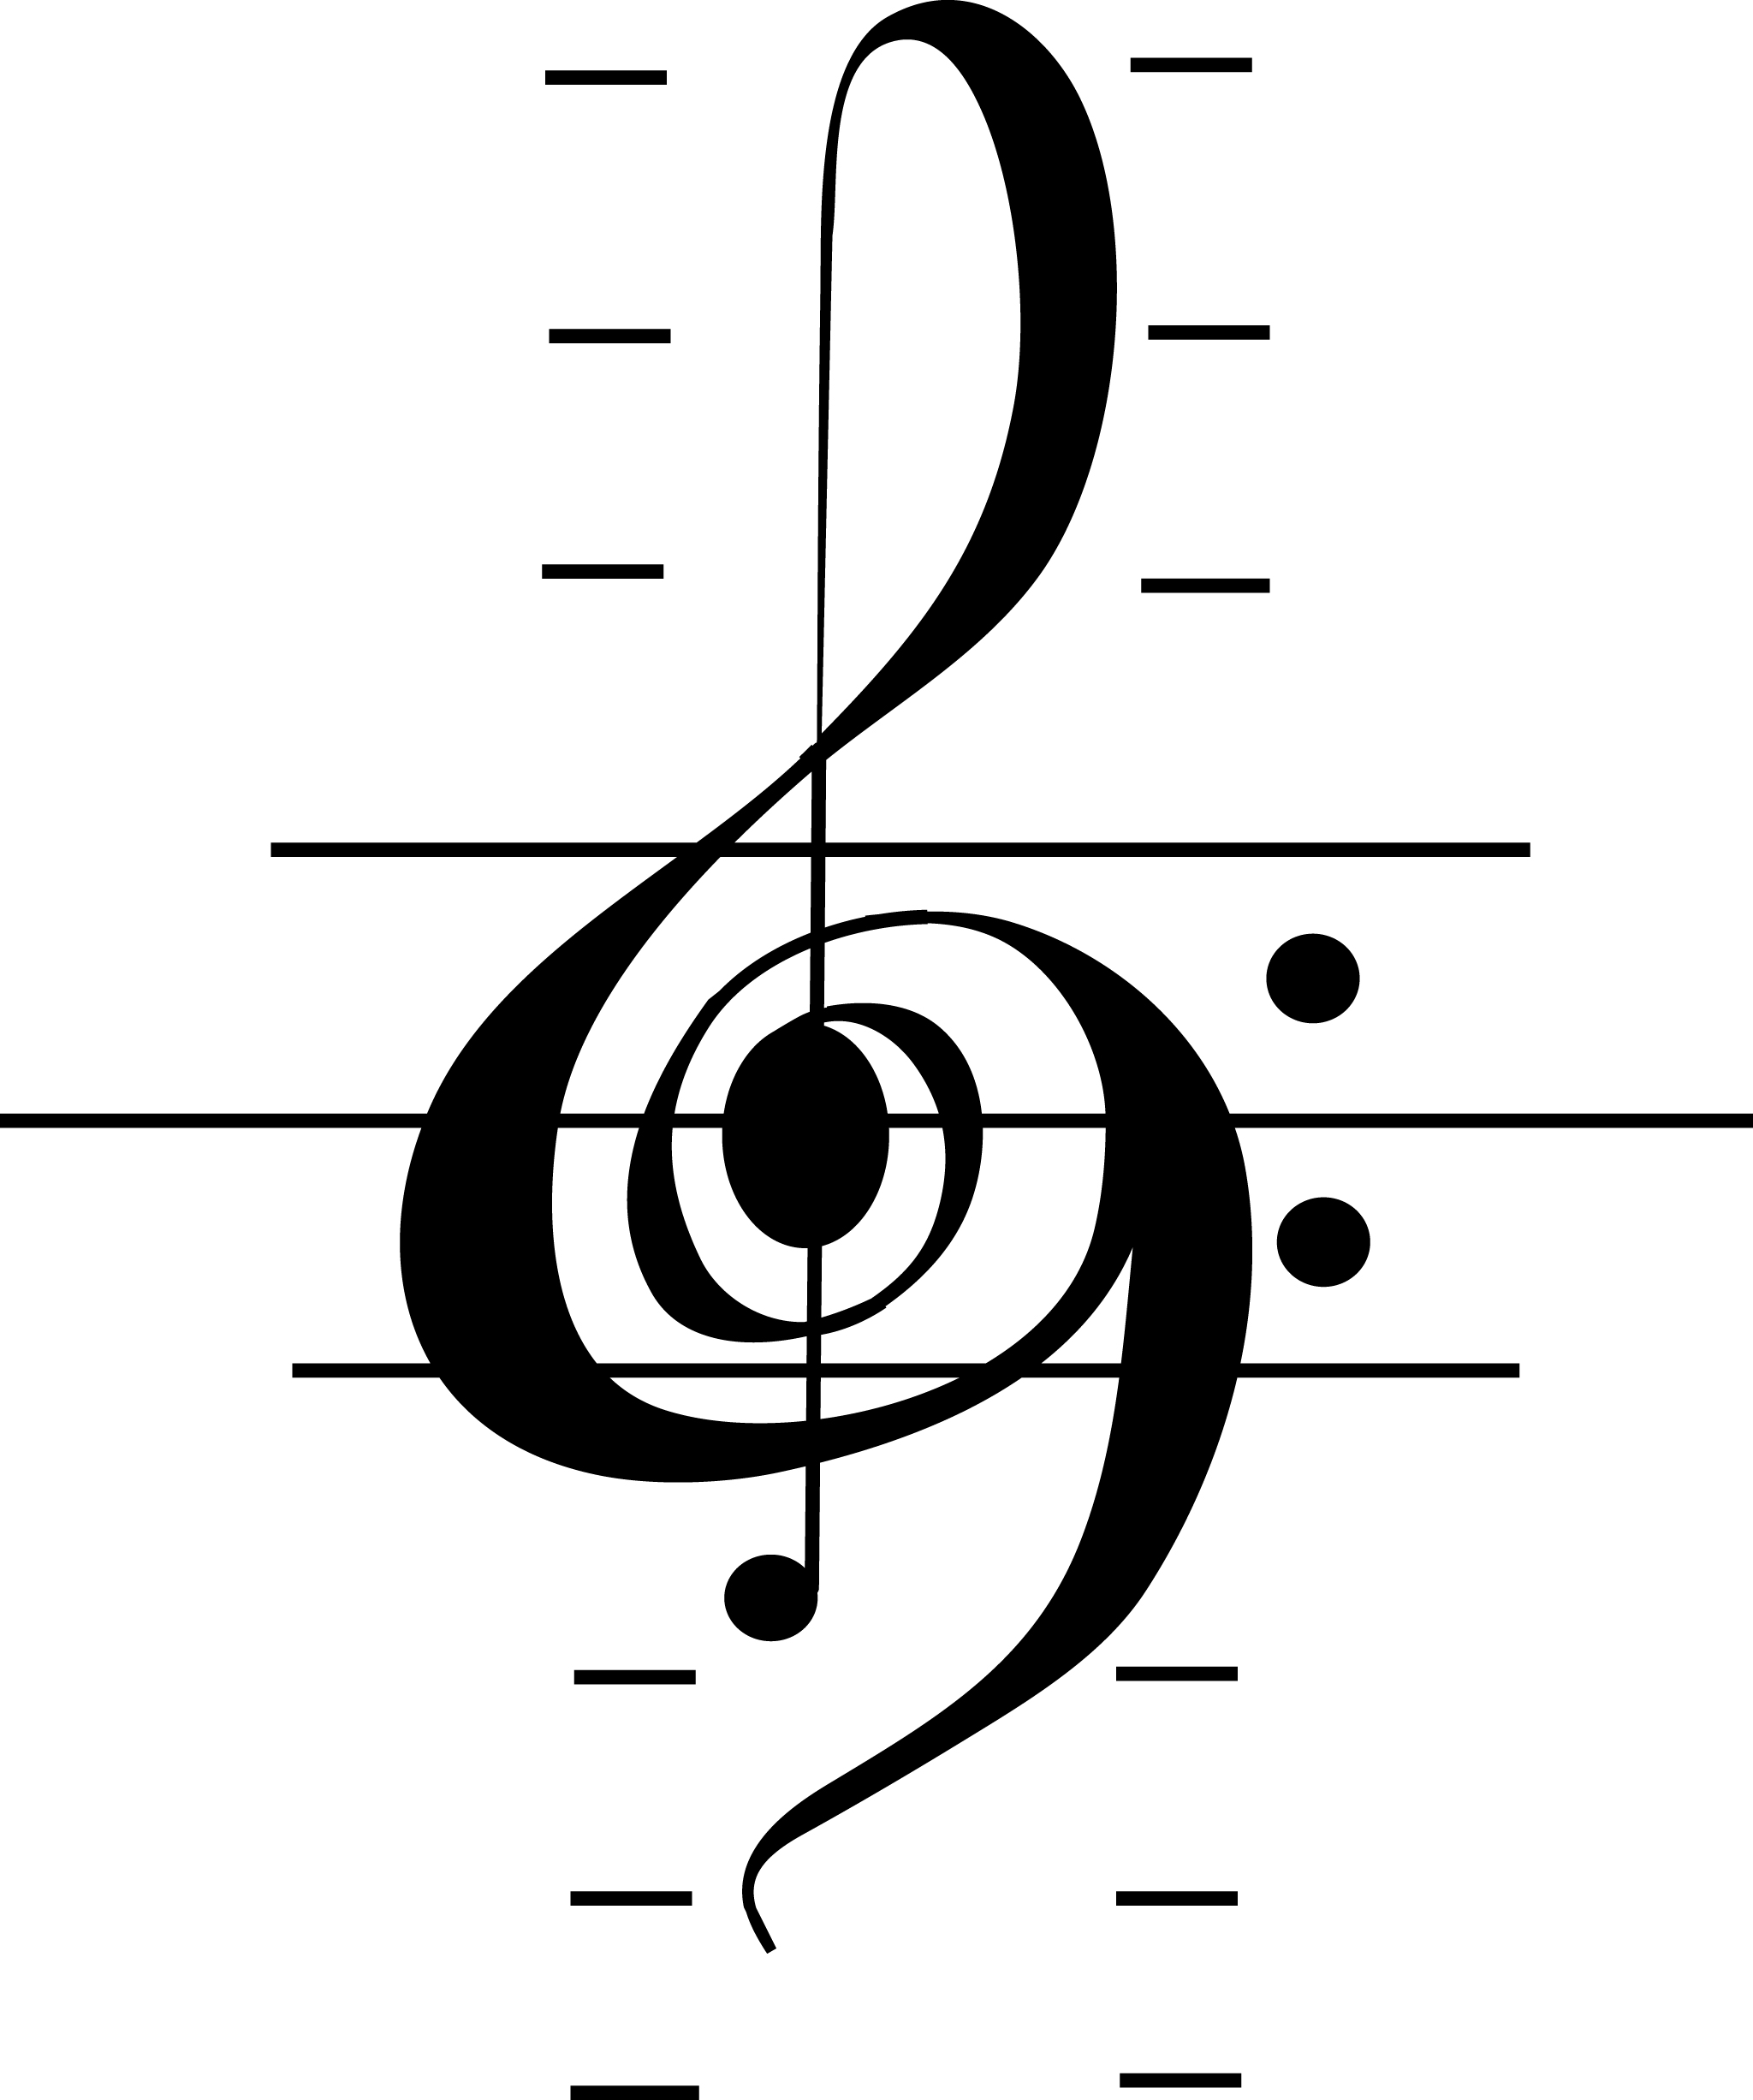 [ Vox Novus logo ]